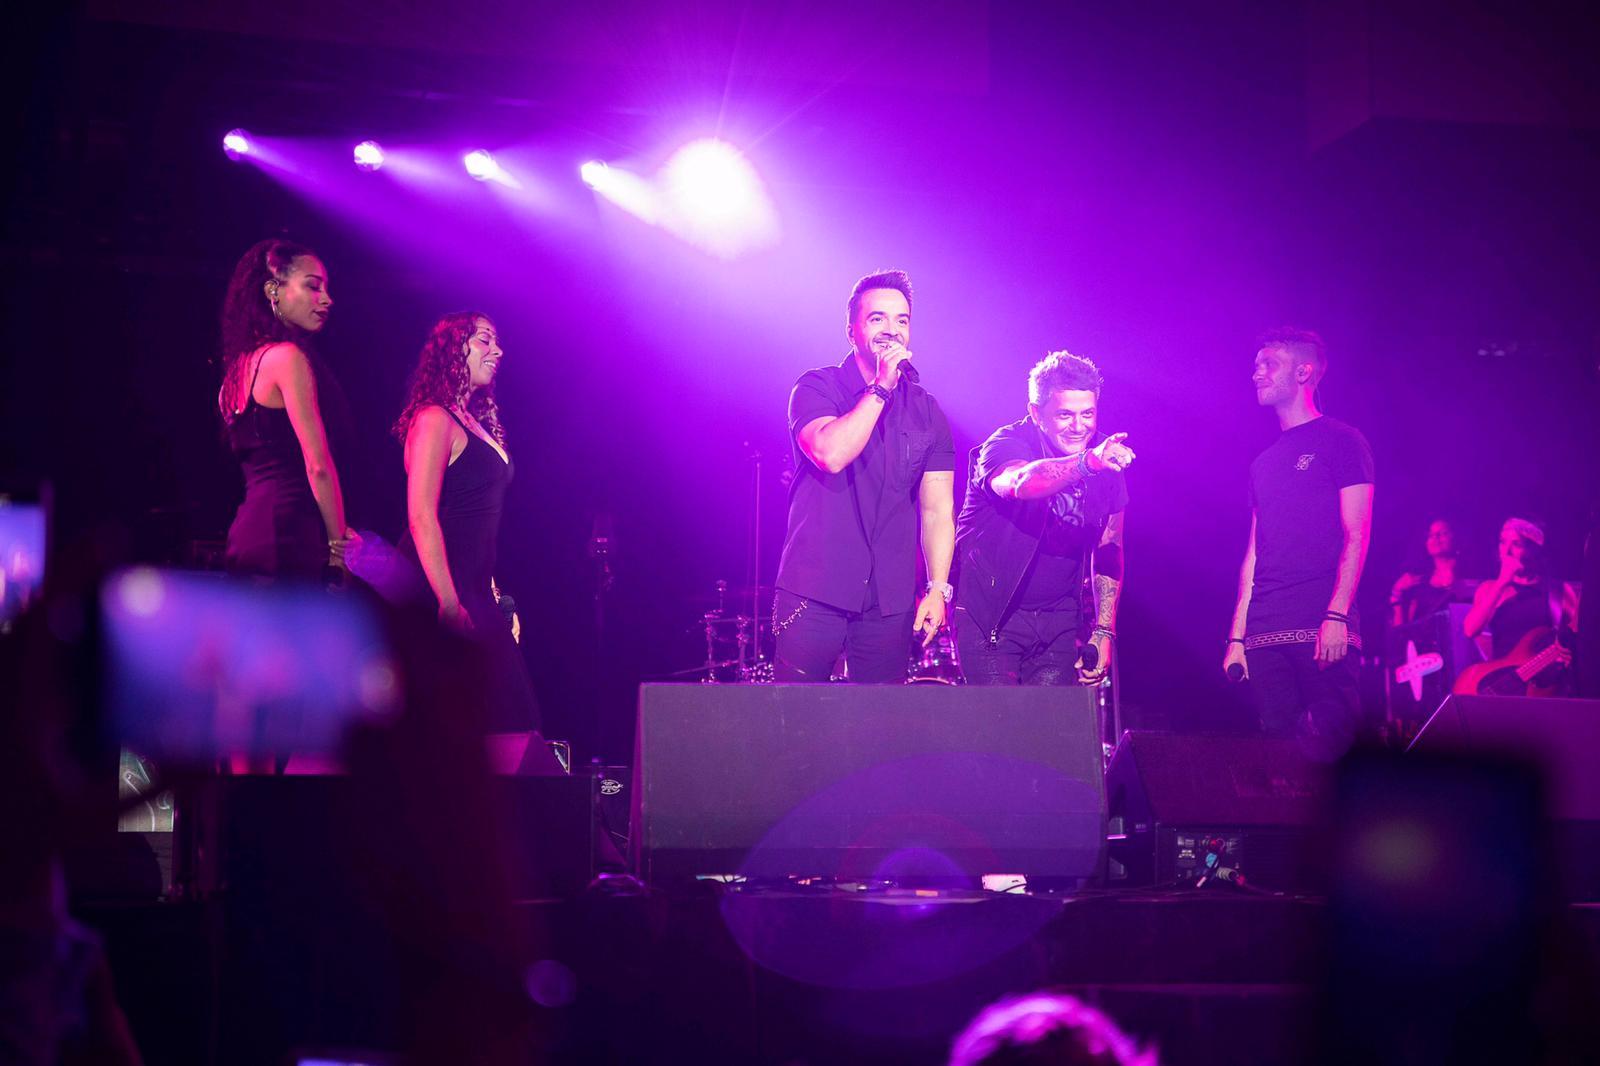 Luis Fonsi concierto Alejandro Sanz en miami